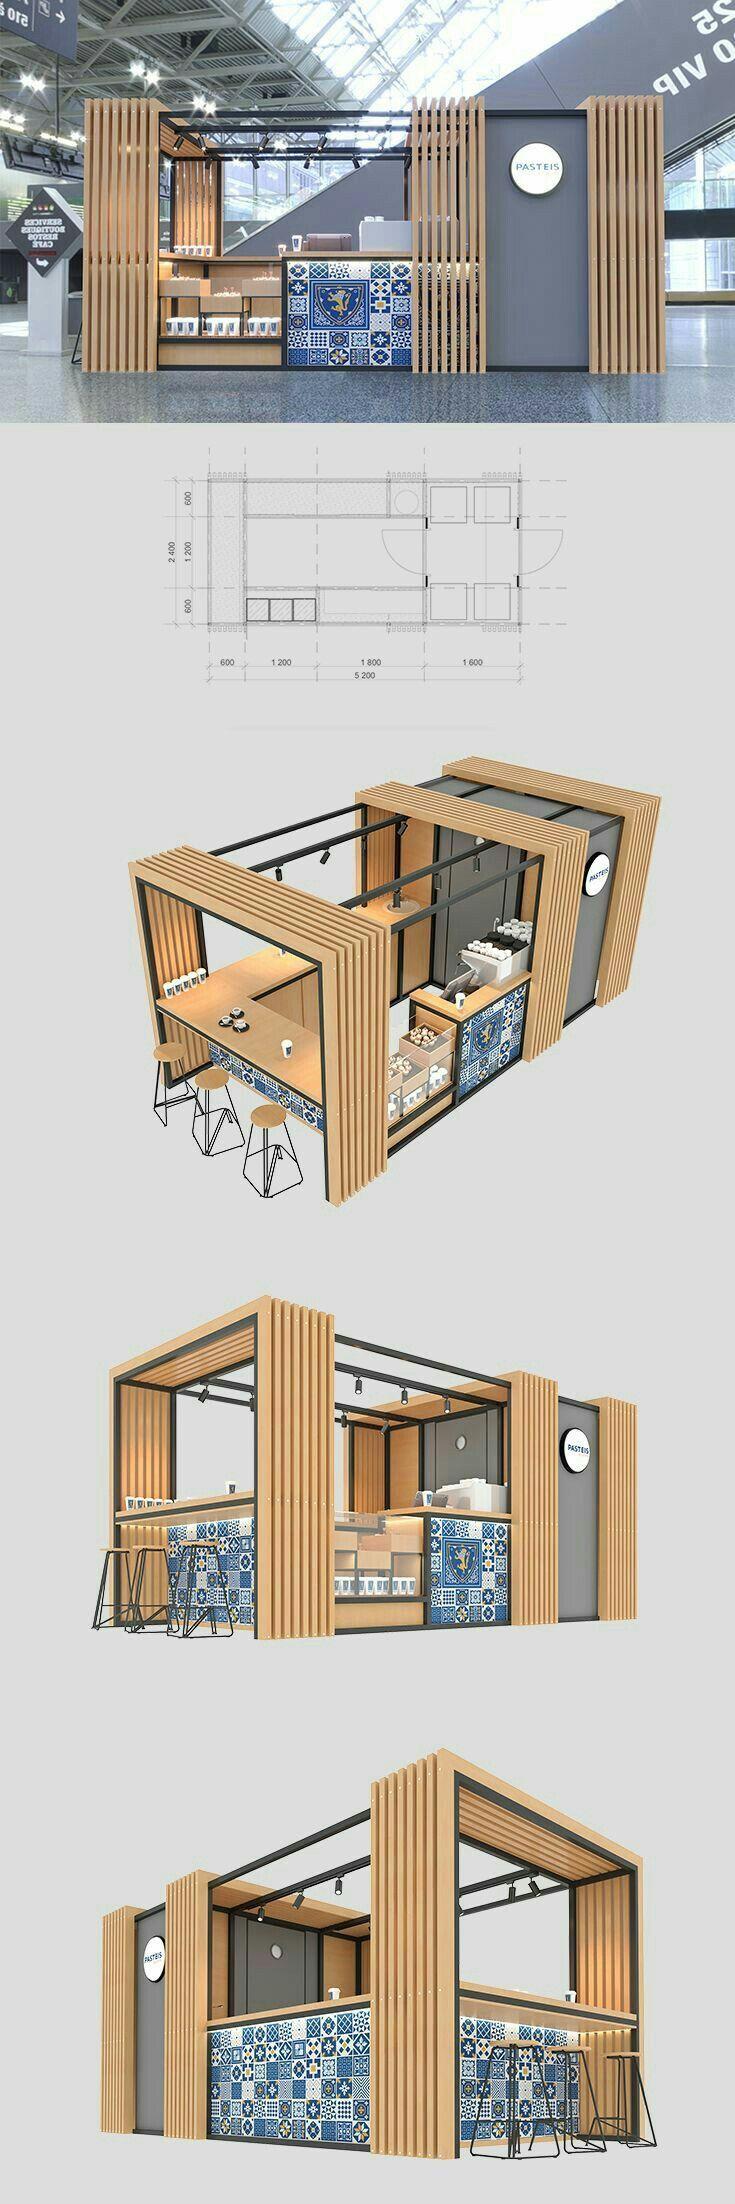 Desain Spanduk Warung Kopi Sederhana Cek Bahan Bangunan